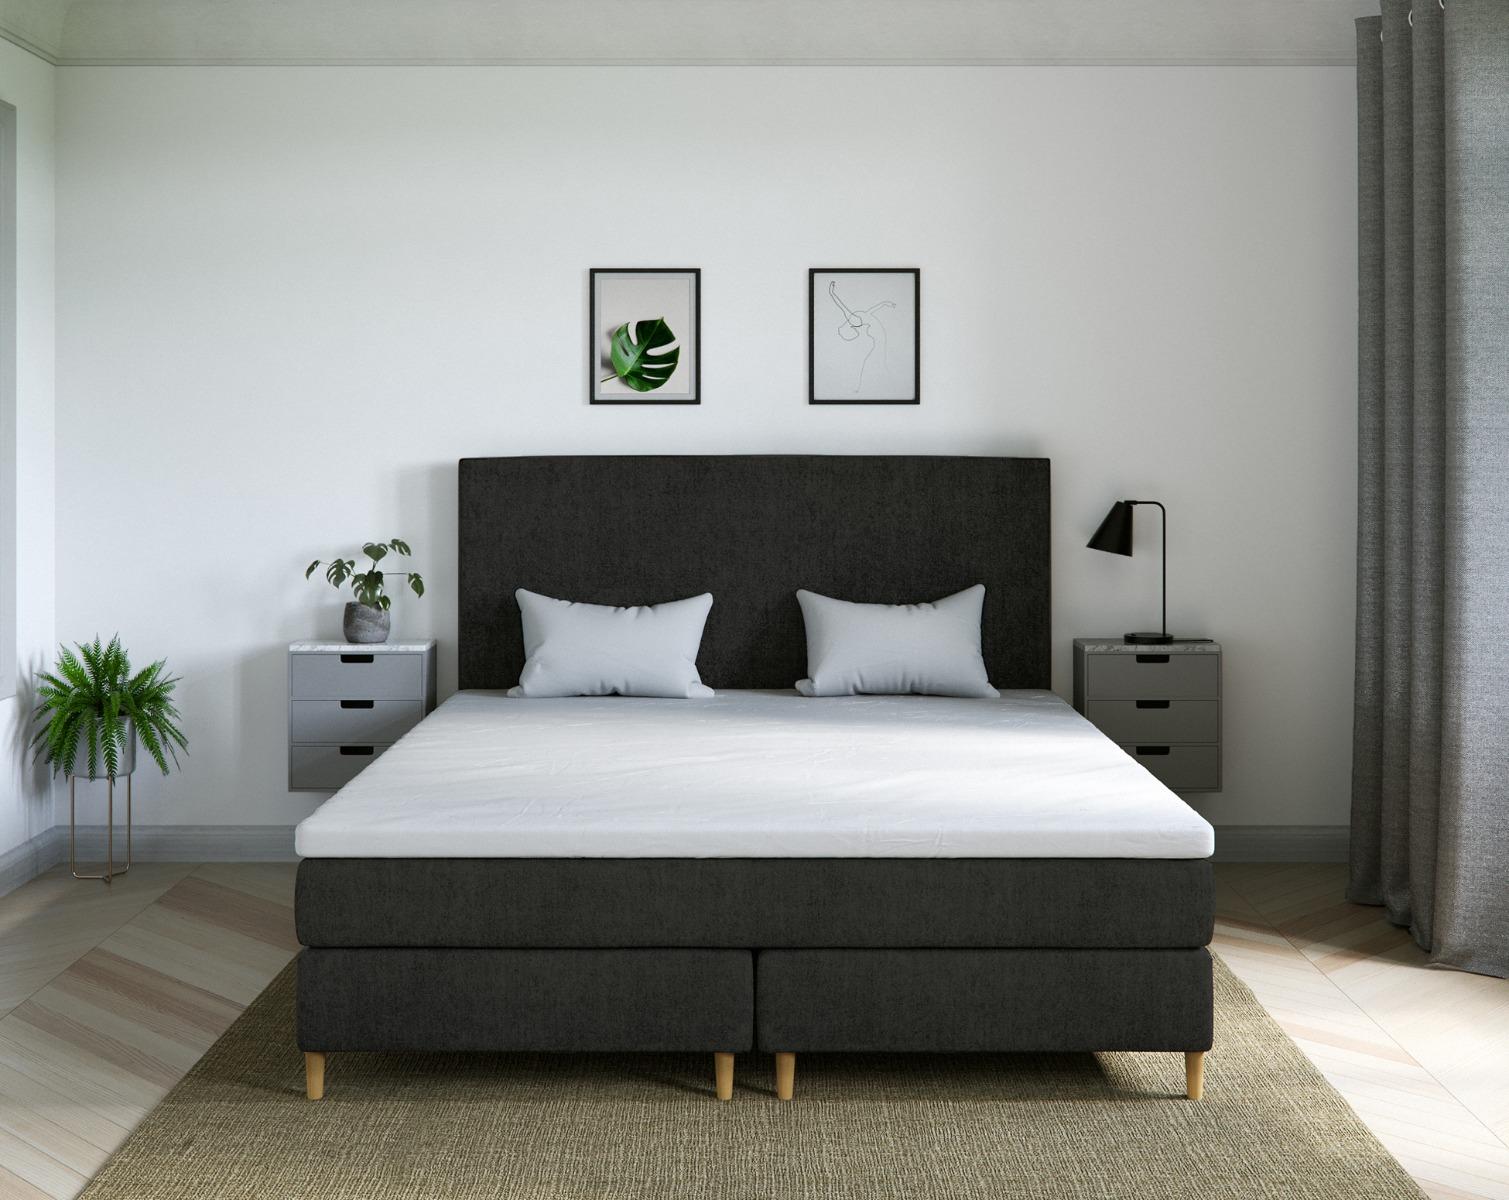 Atlas Wood: Konkurrencedygtig på pris og komfort